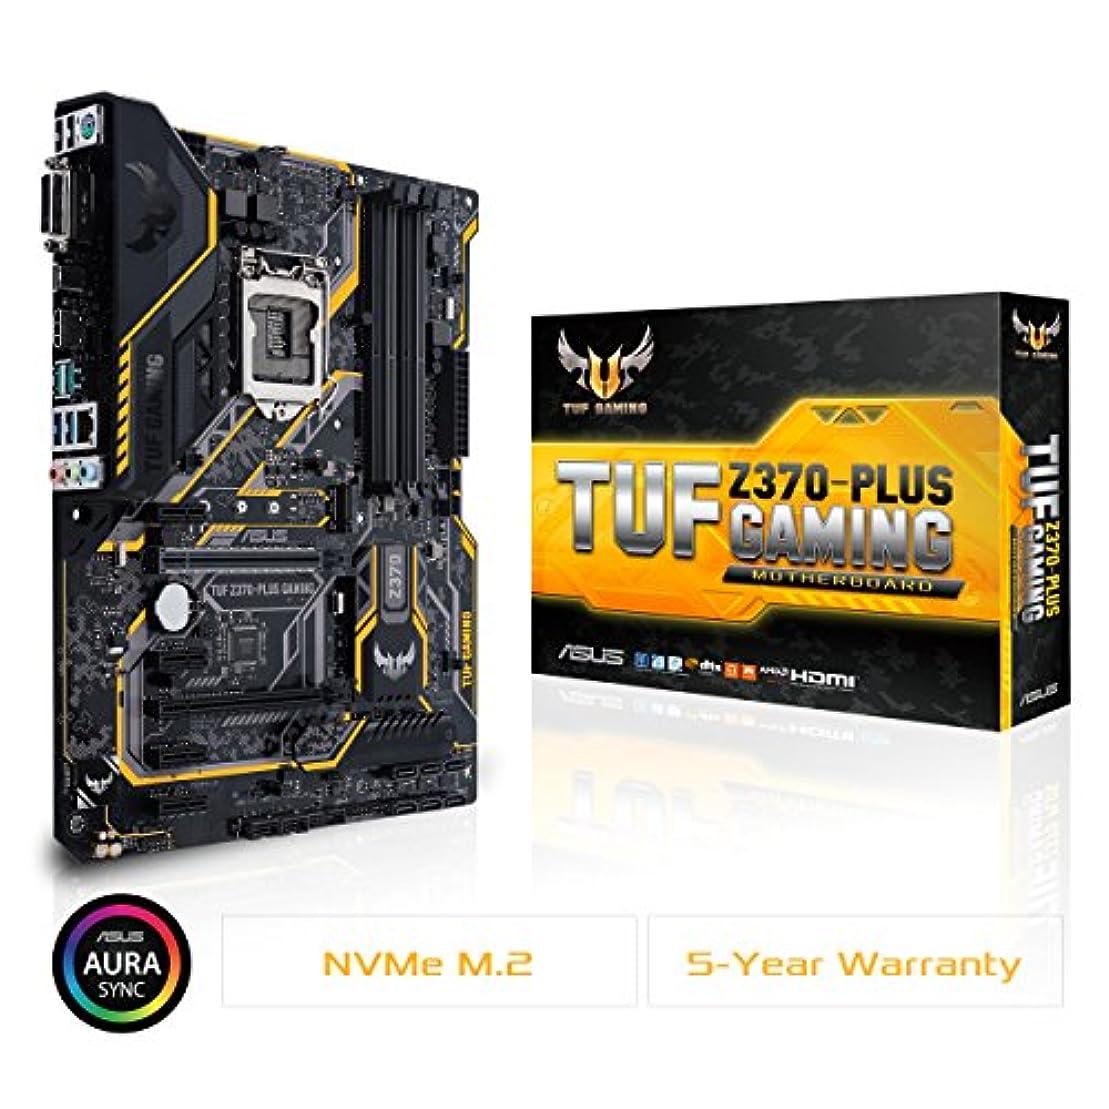 高さダイヤル義務づけるASUS Intel Z370 搭載 LGA1151対応 マザーボード TUF Z370-PLUS GAMING 【ATX】